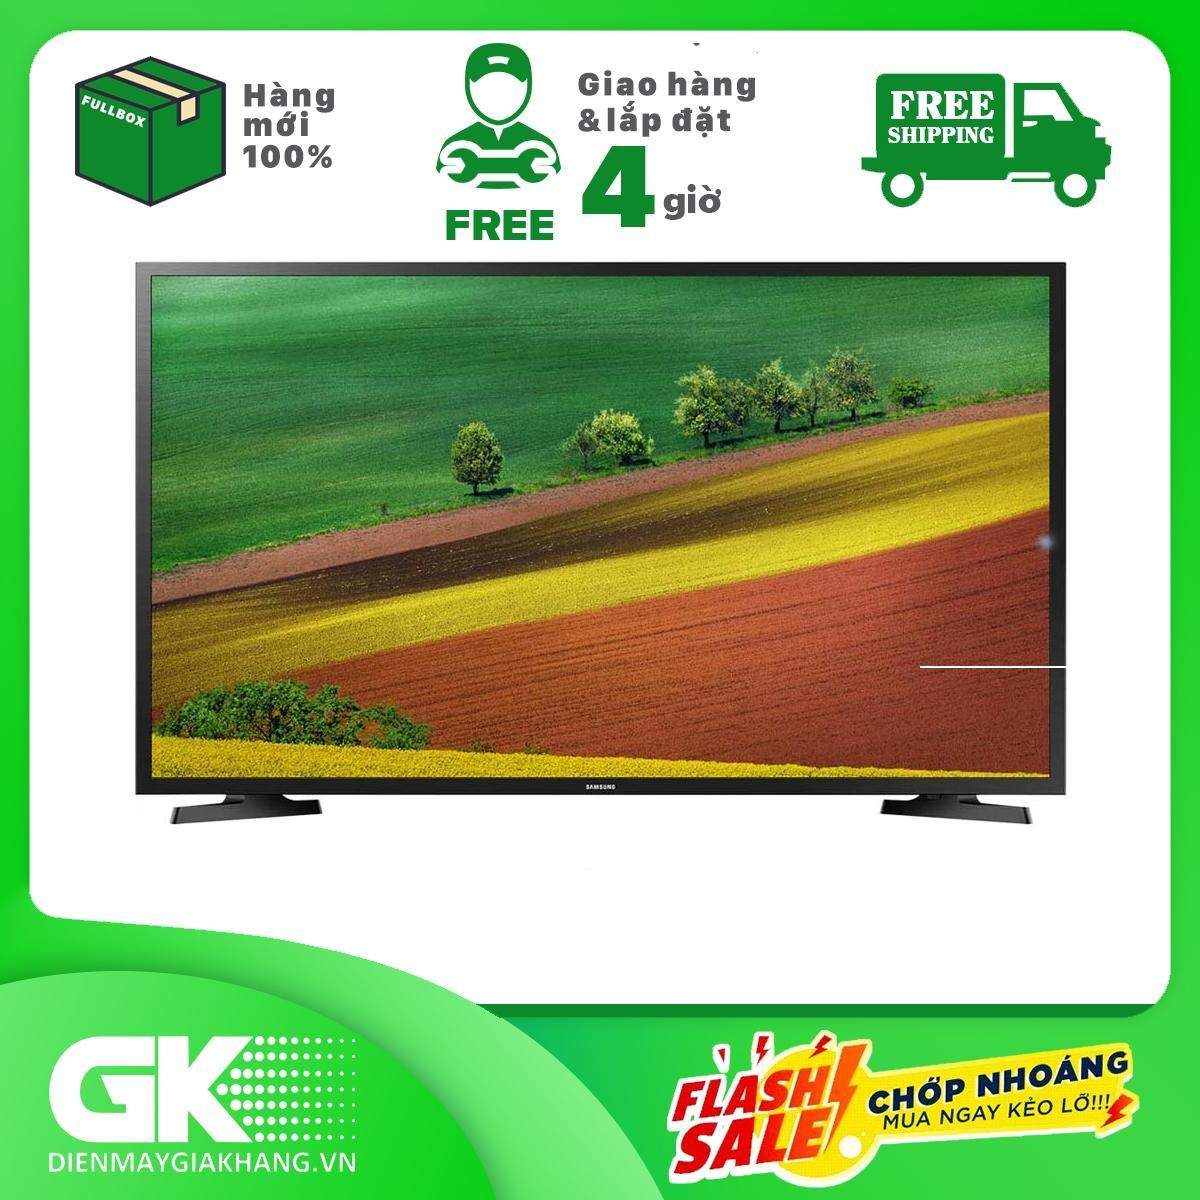 Smart Tivi Samsung HD 32 inch UA32N4300, Công nghệ hình ảnh Micro Dimming Pro, Hệ điều hành Tizen OS - Bảo hành 24 tháng